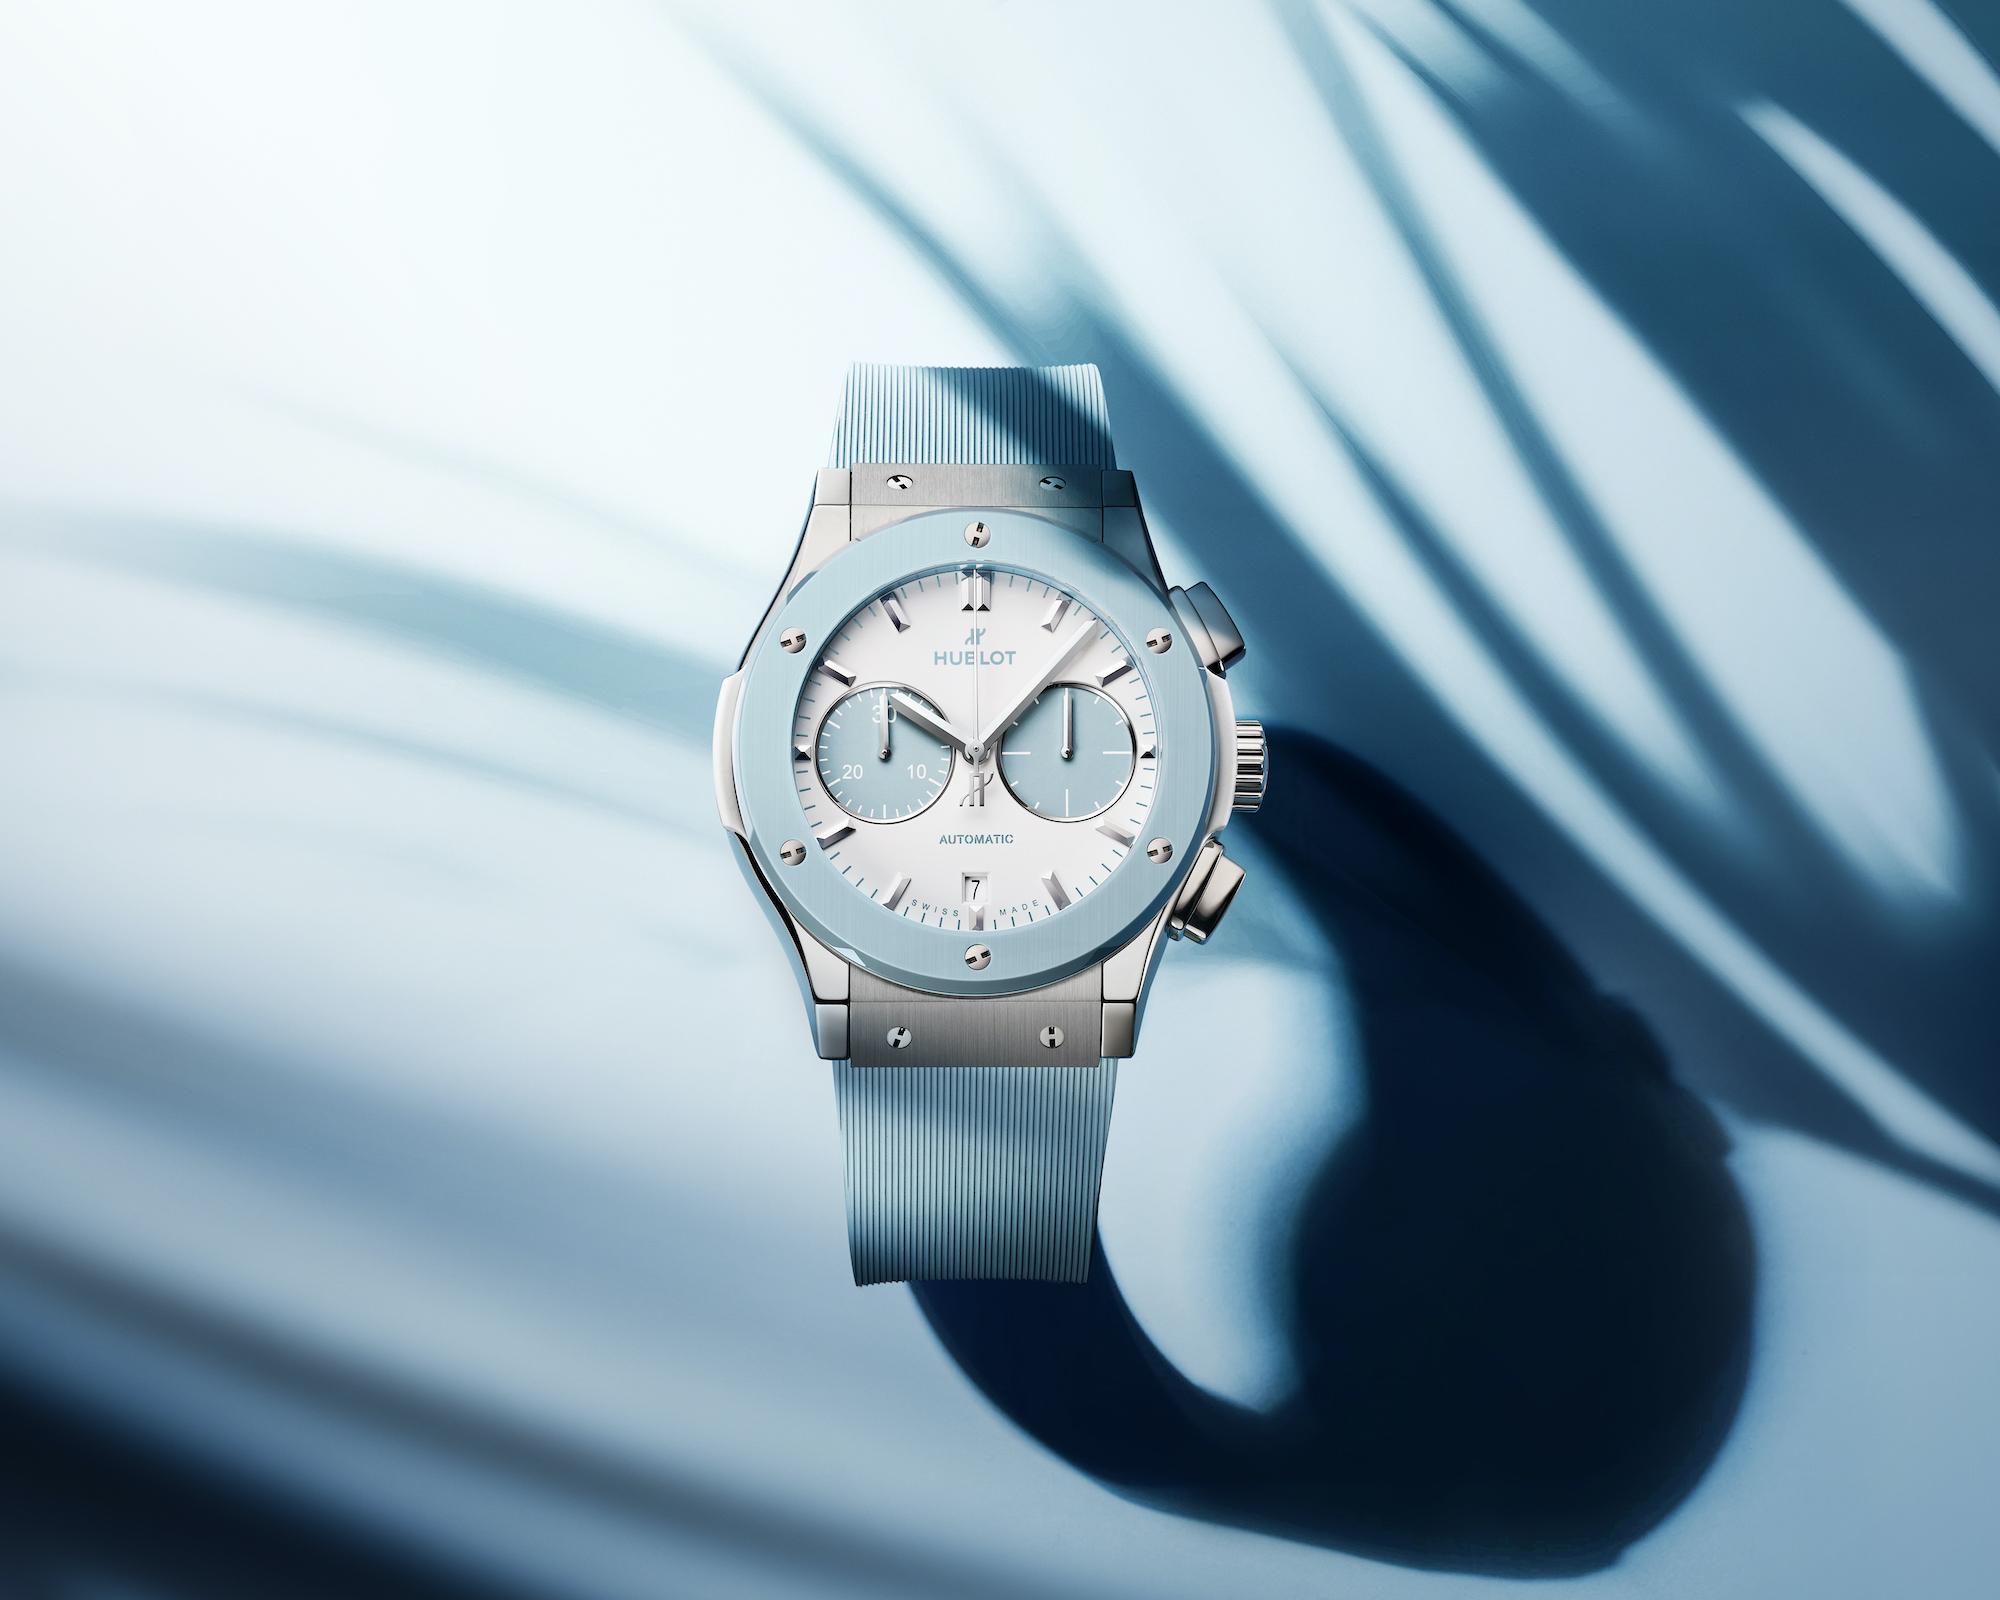 Hublot Classic Fusion Chronograph Boutique Capri 521.NL.8929.RX.CAP21 Lifestyle